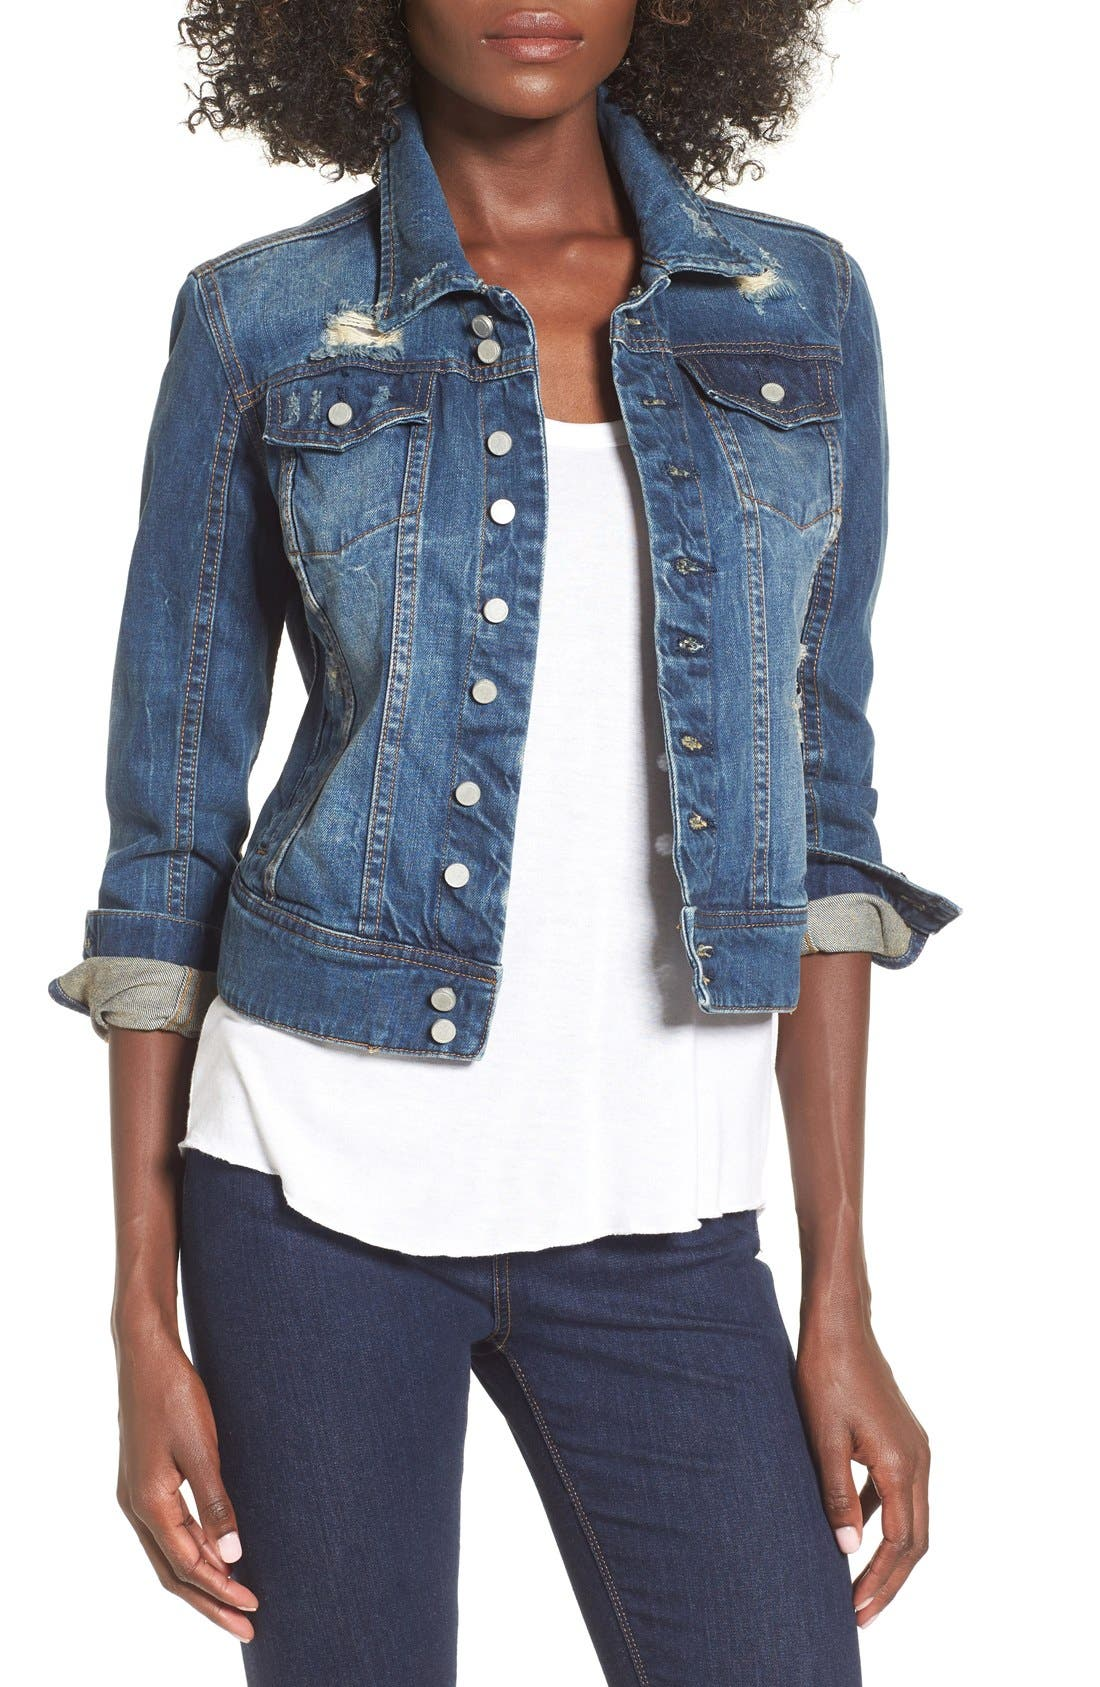 Alternate Image 1 Selected - BLANKNYC 'Toe Jam' Denim Jacket